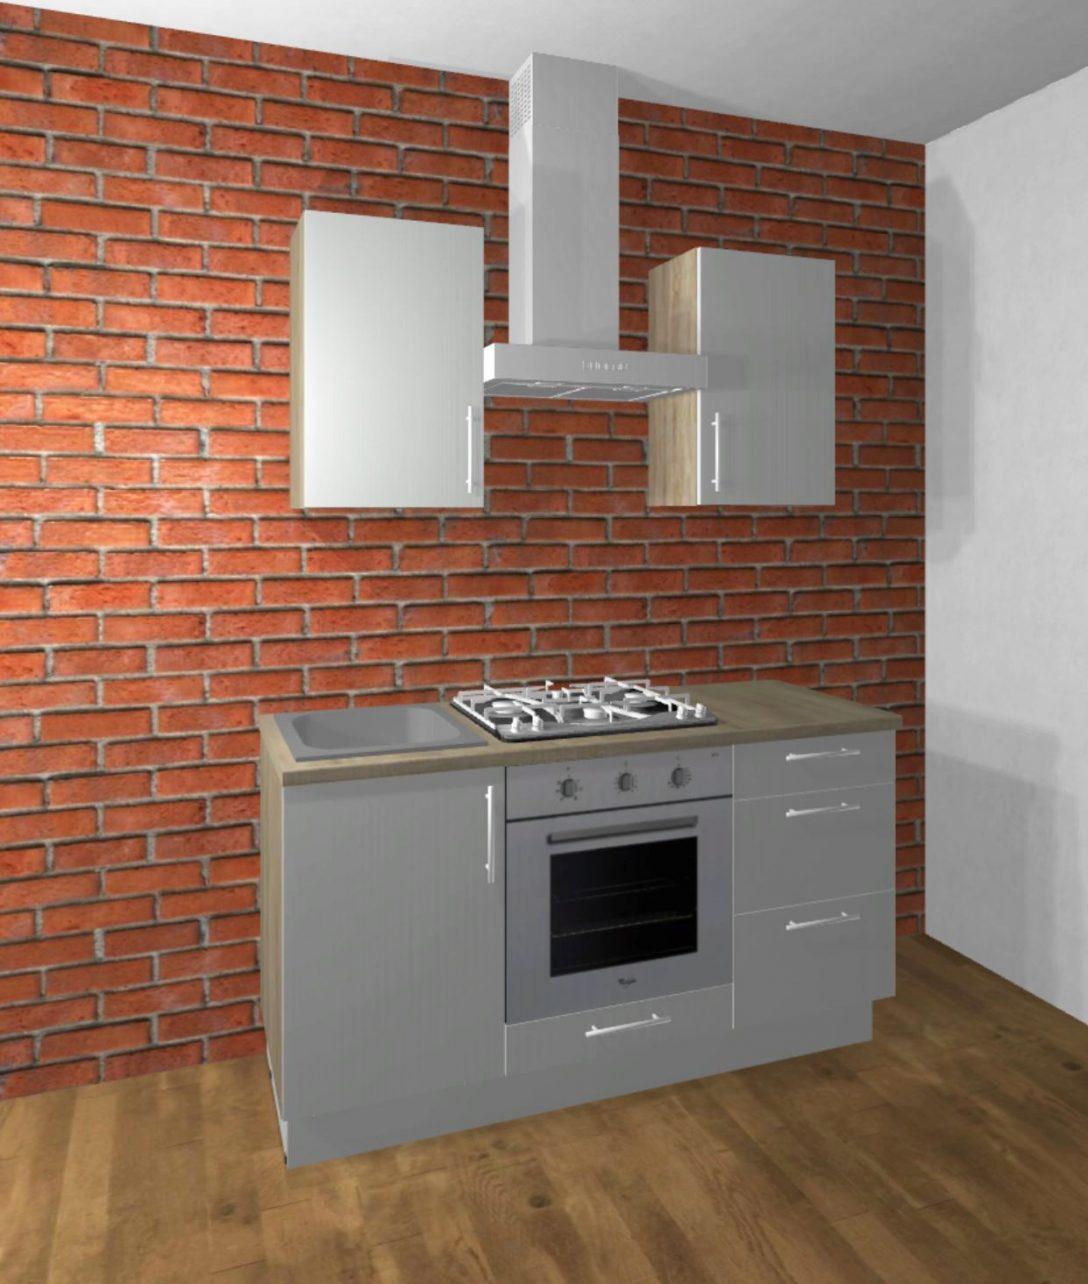 Large Size of Kleine Einbauküche Mit Herd Kleine Küche Einbauküche Kleine Einbauküche Kosten Kleine Wohnung Mit Einbauküche Küche Kleine Einbauküche